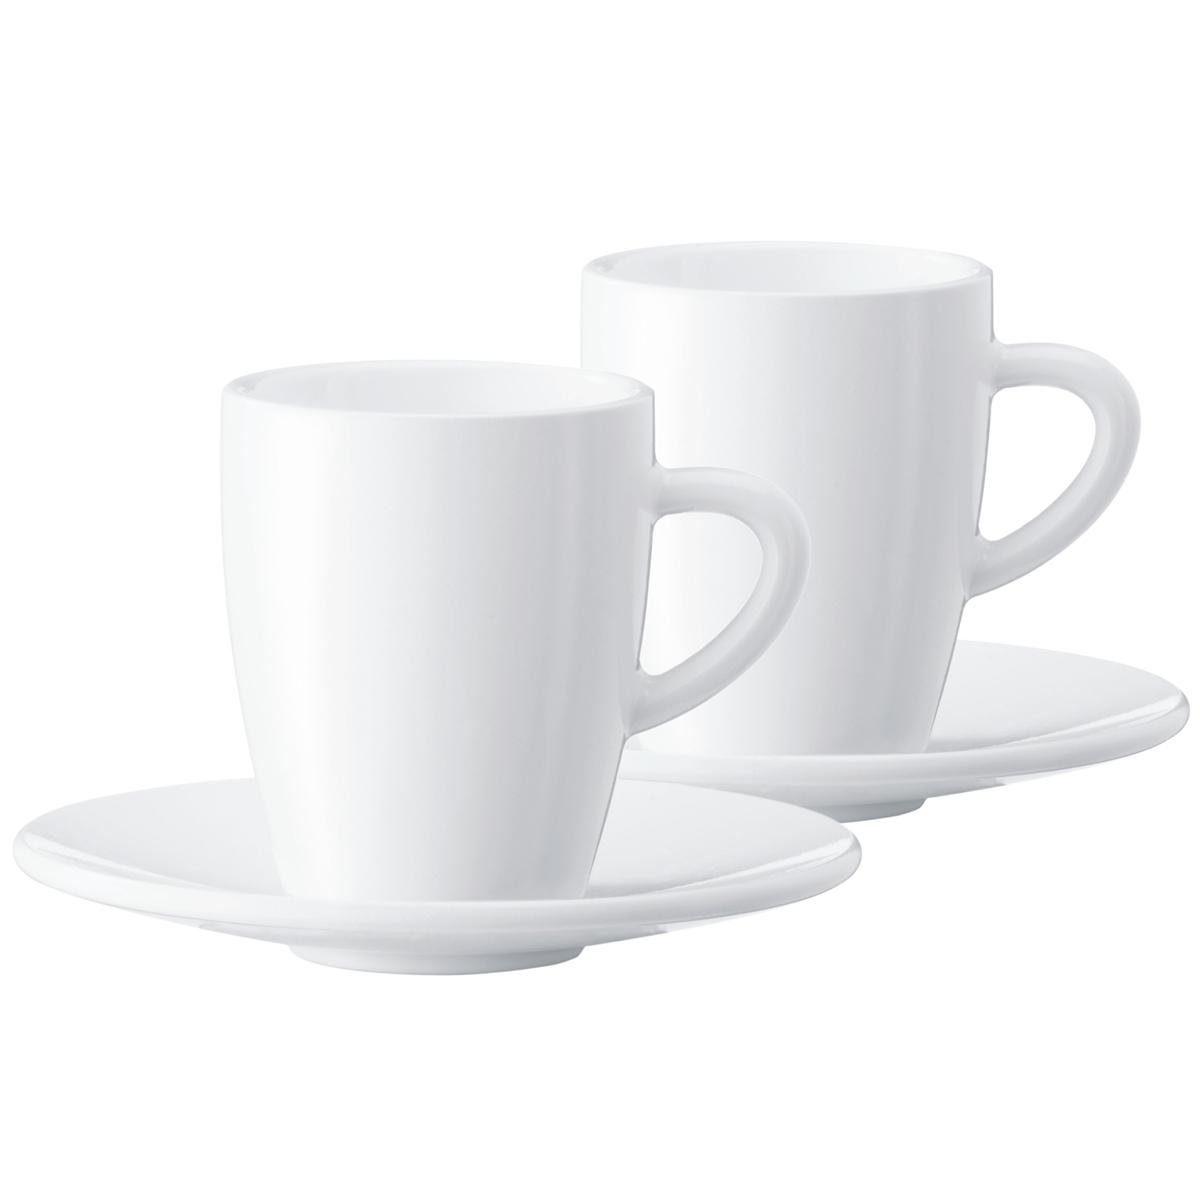 5223d99bb08 Jura Coffee Cups   2 Espresso Cups   2 Saucers